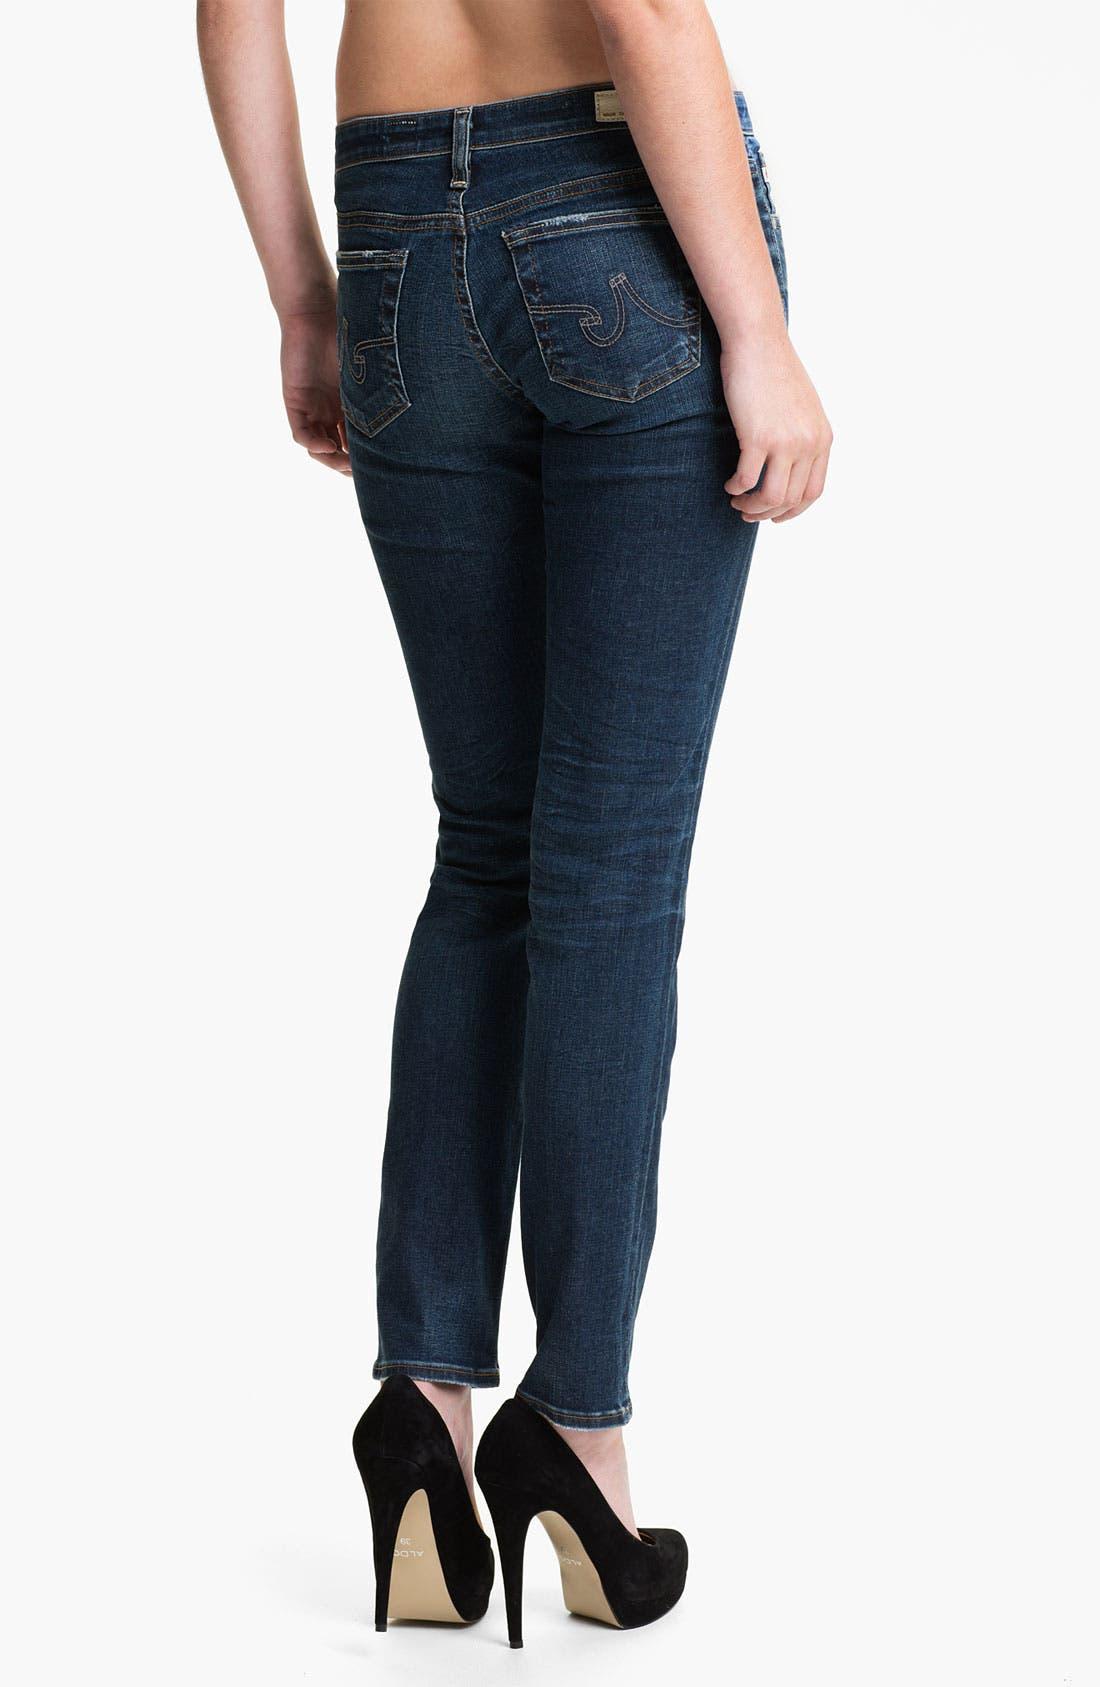 Alternate Image 2  - AG Jeans 'The Stilt' Cigarette Leg Jeans (Six Year Rinse)